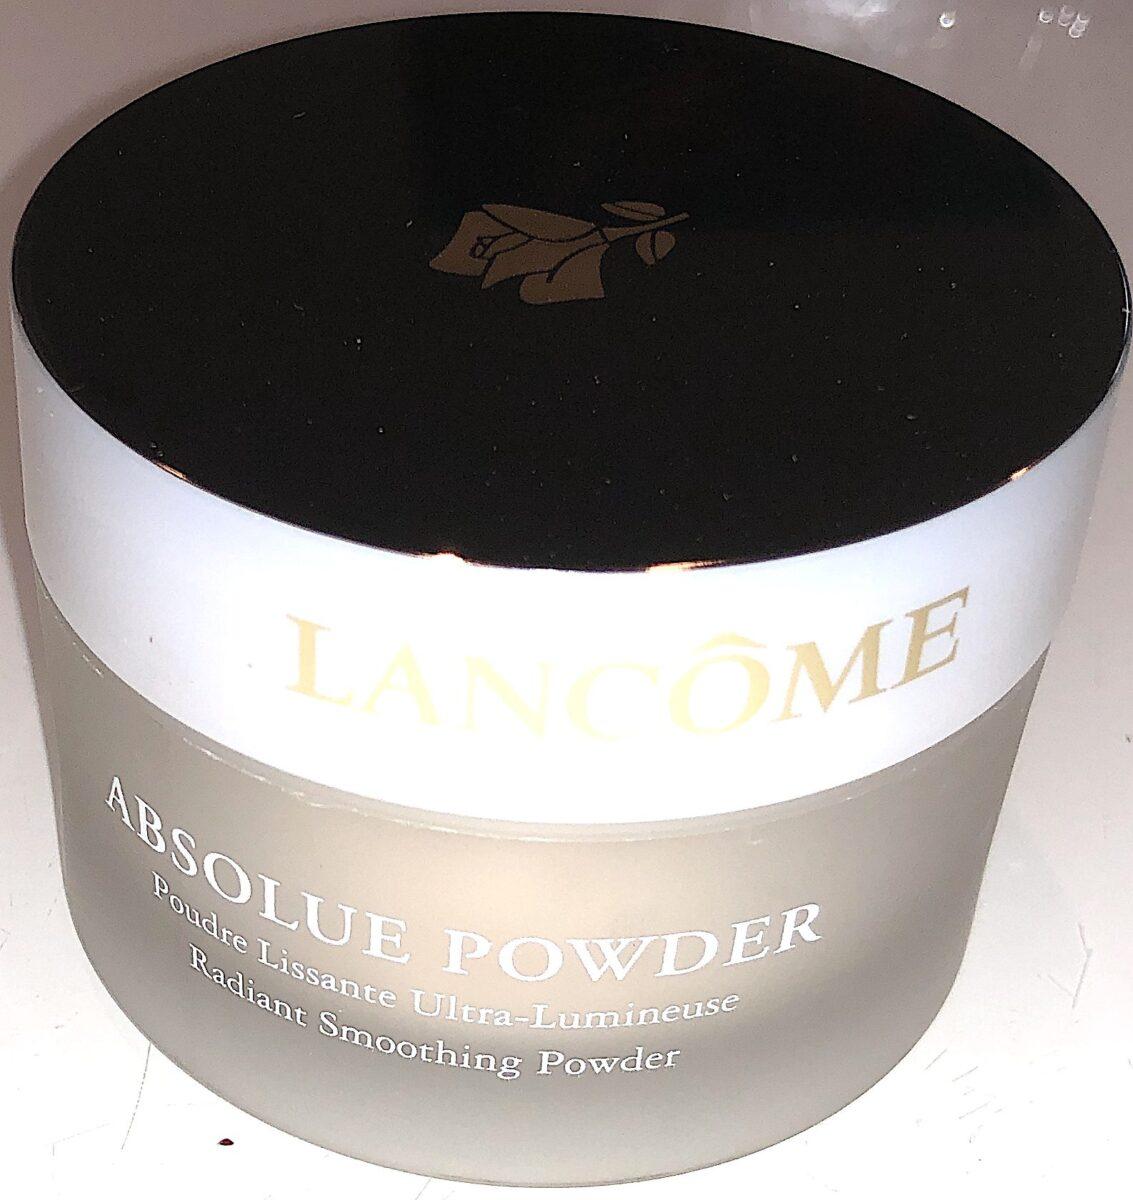 LANCOME ABSOLUE PECHE POWDER JAR